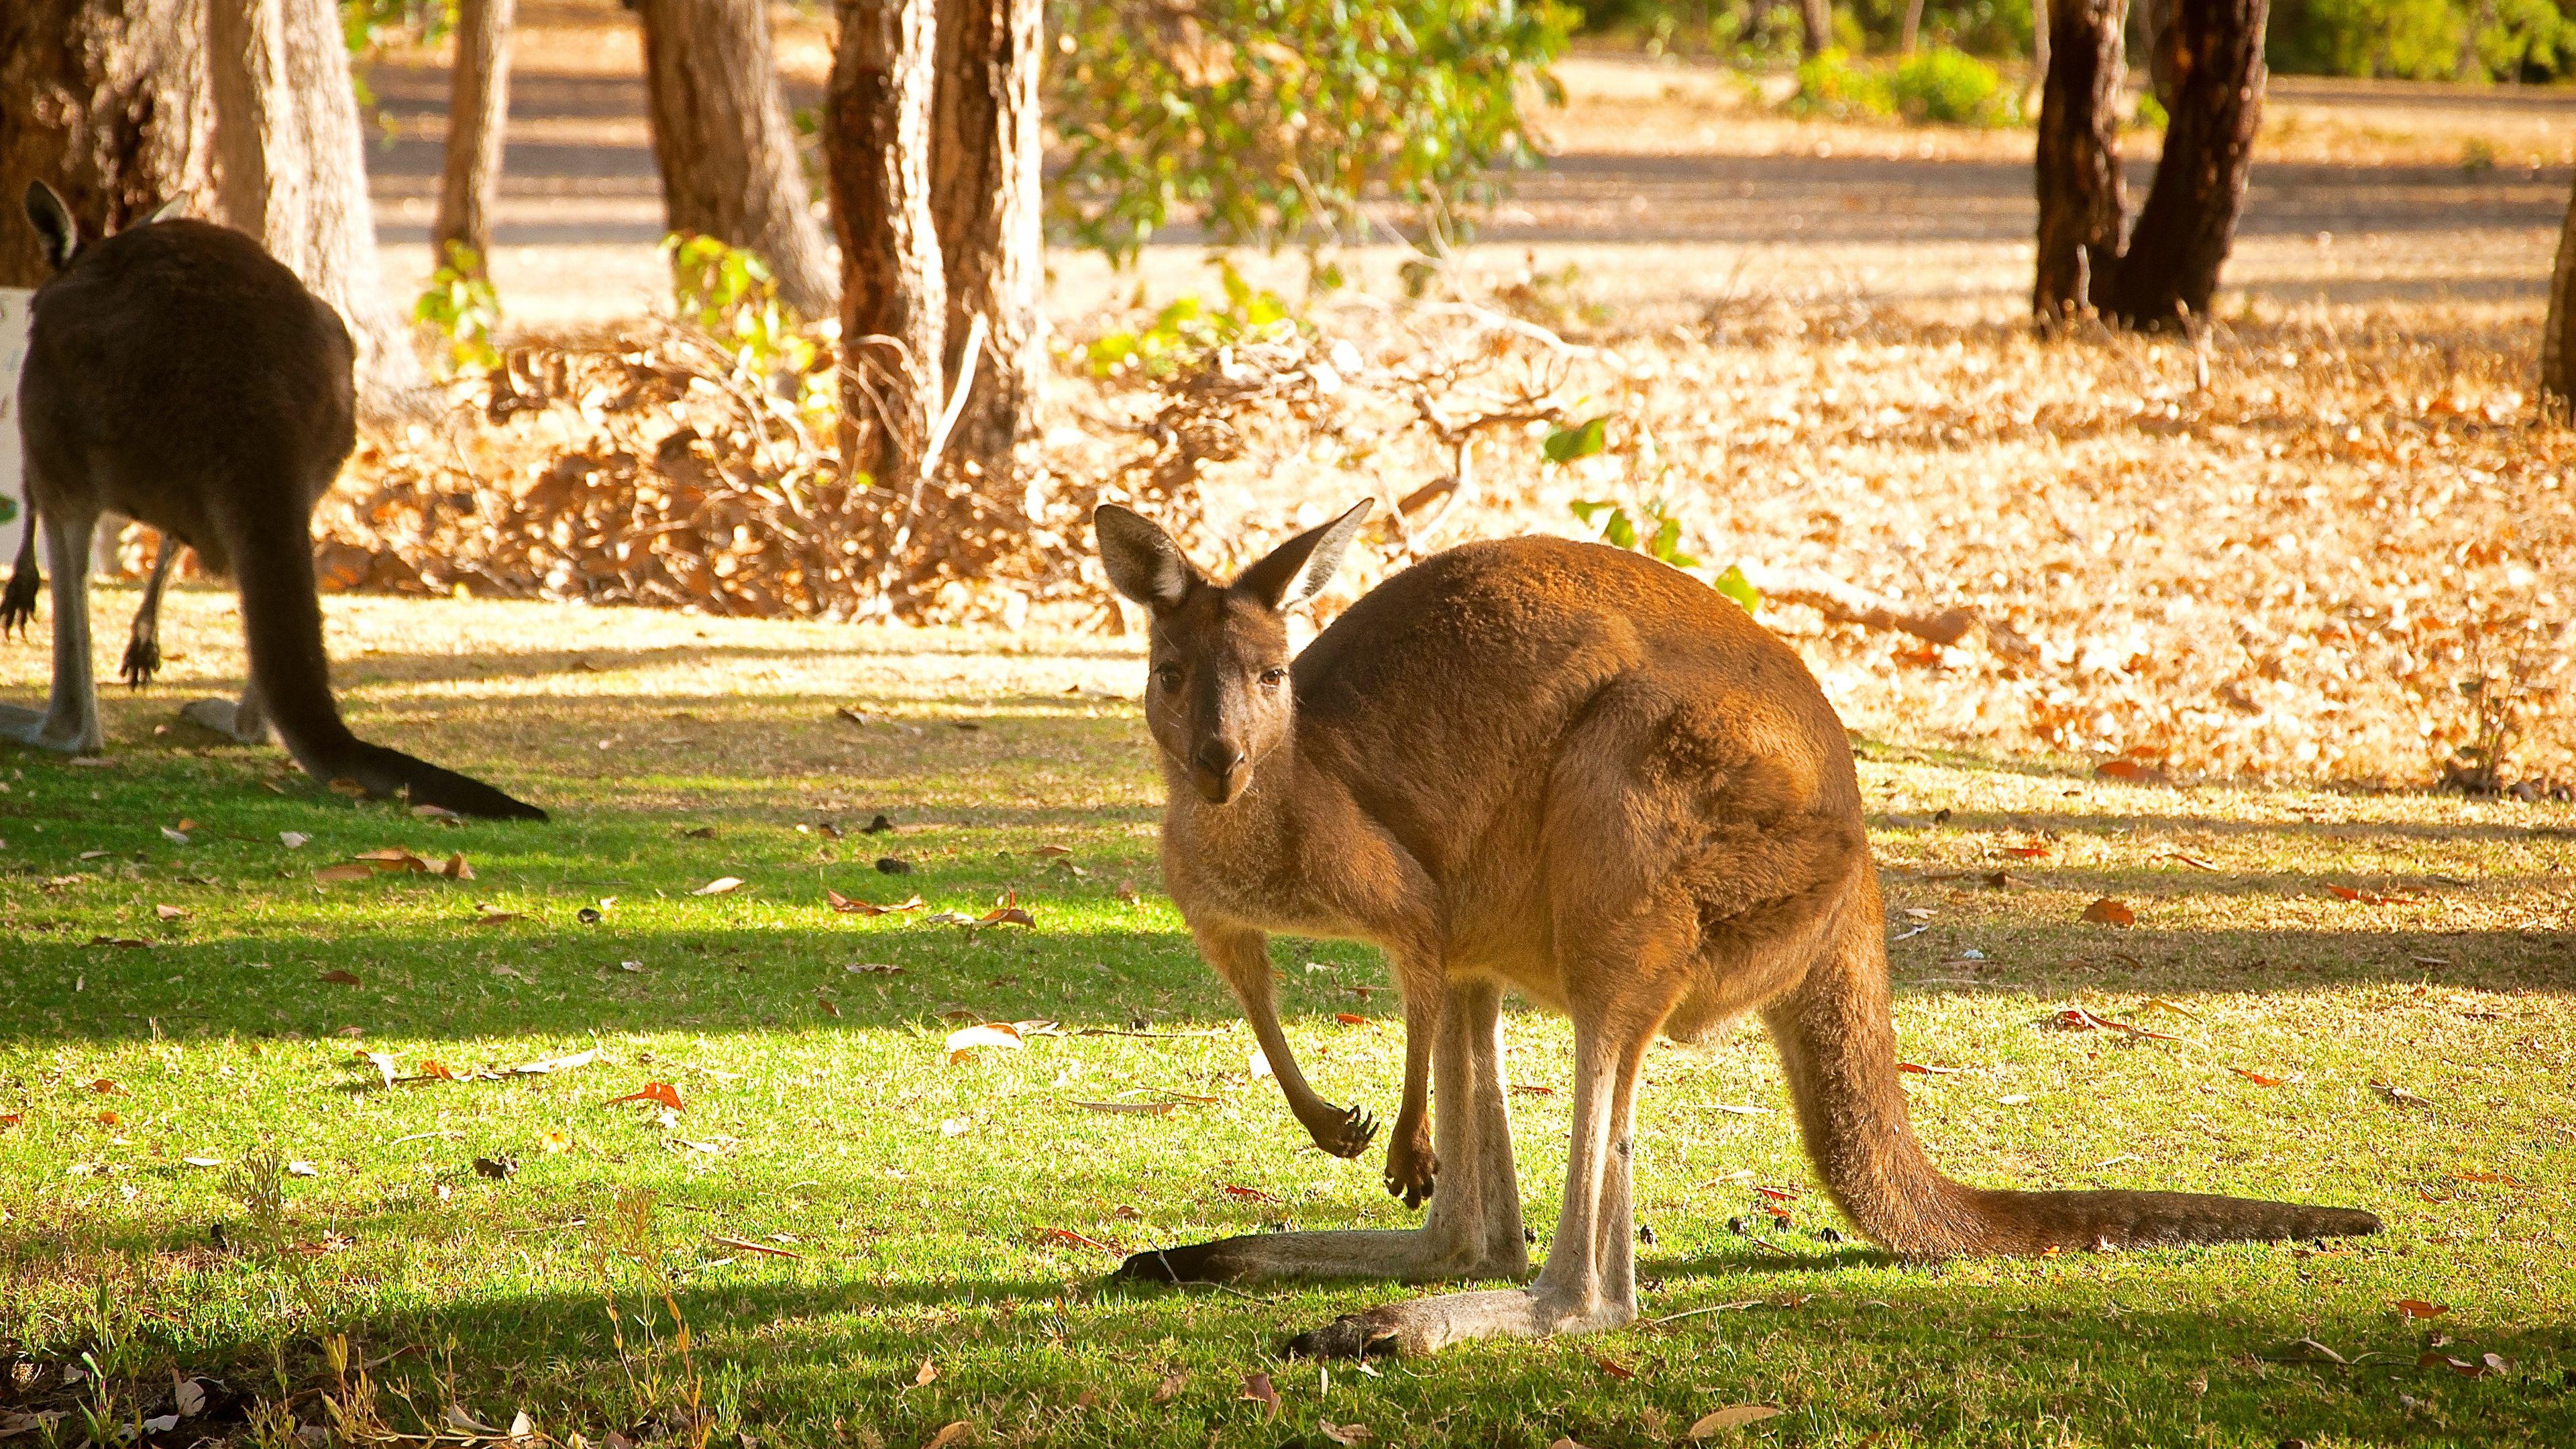 kangaroos in grass